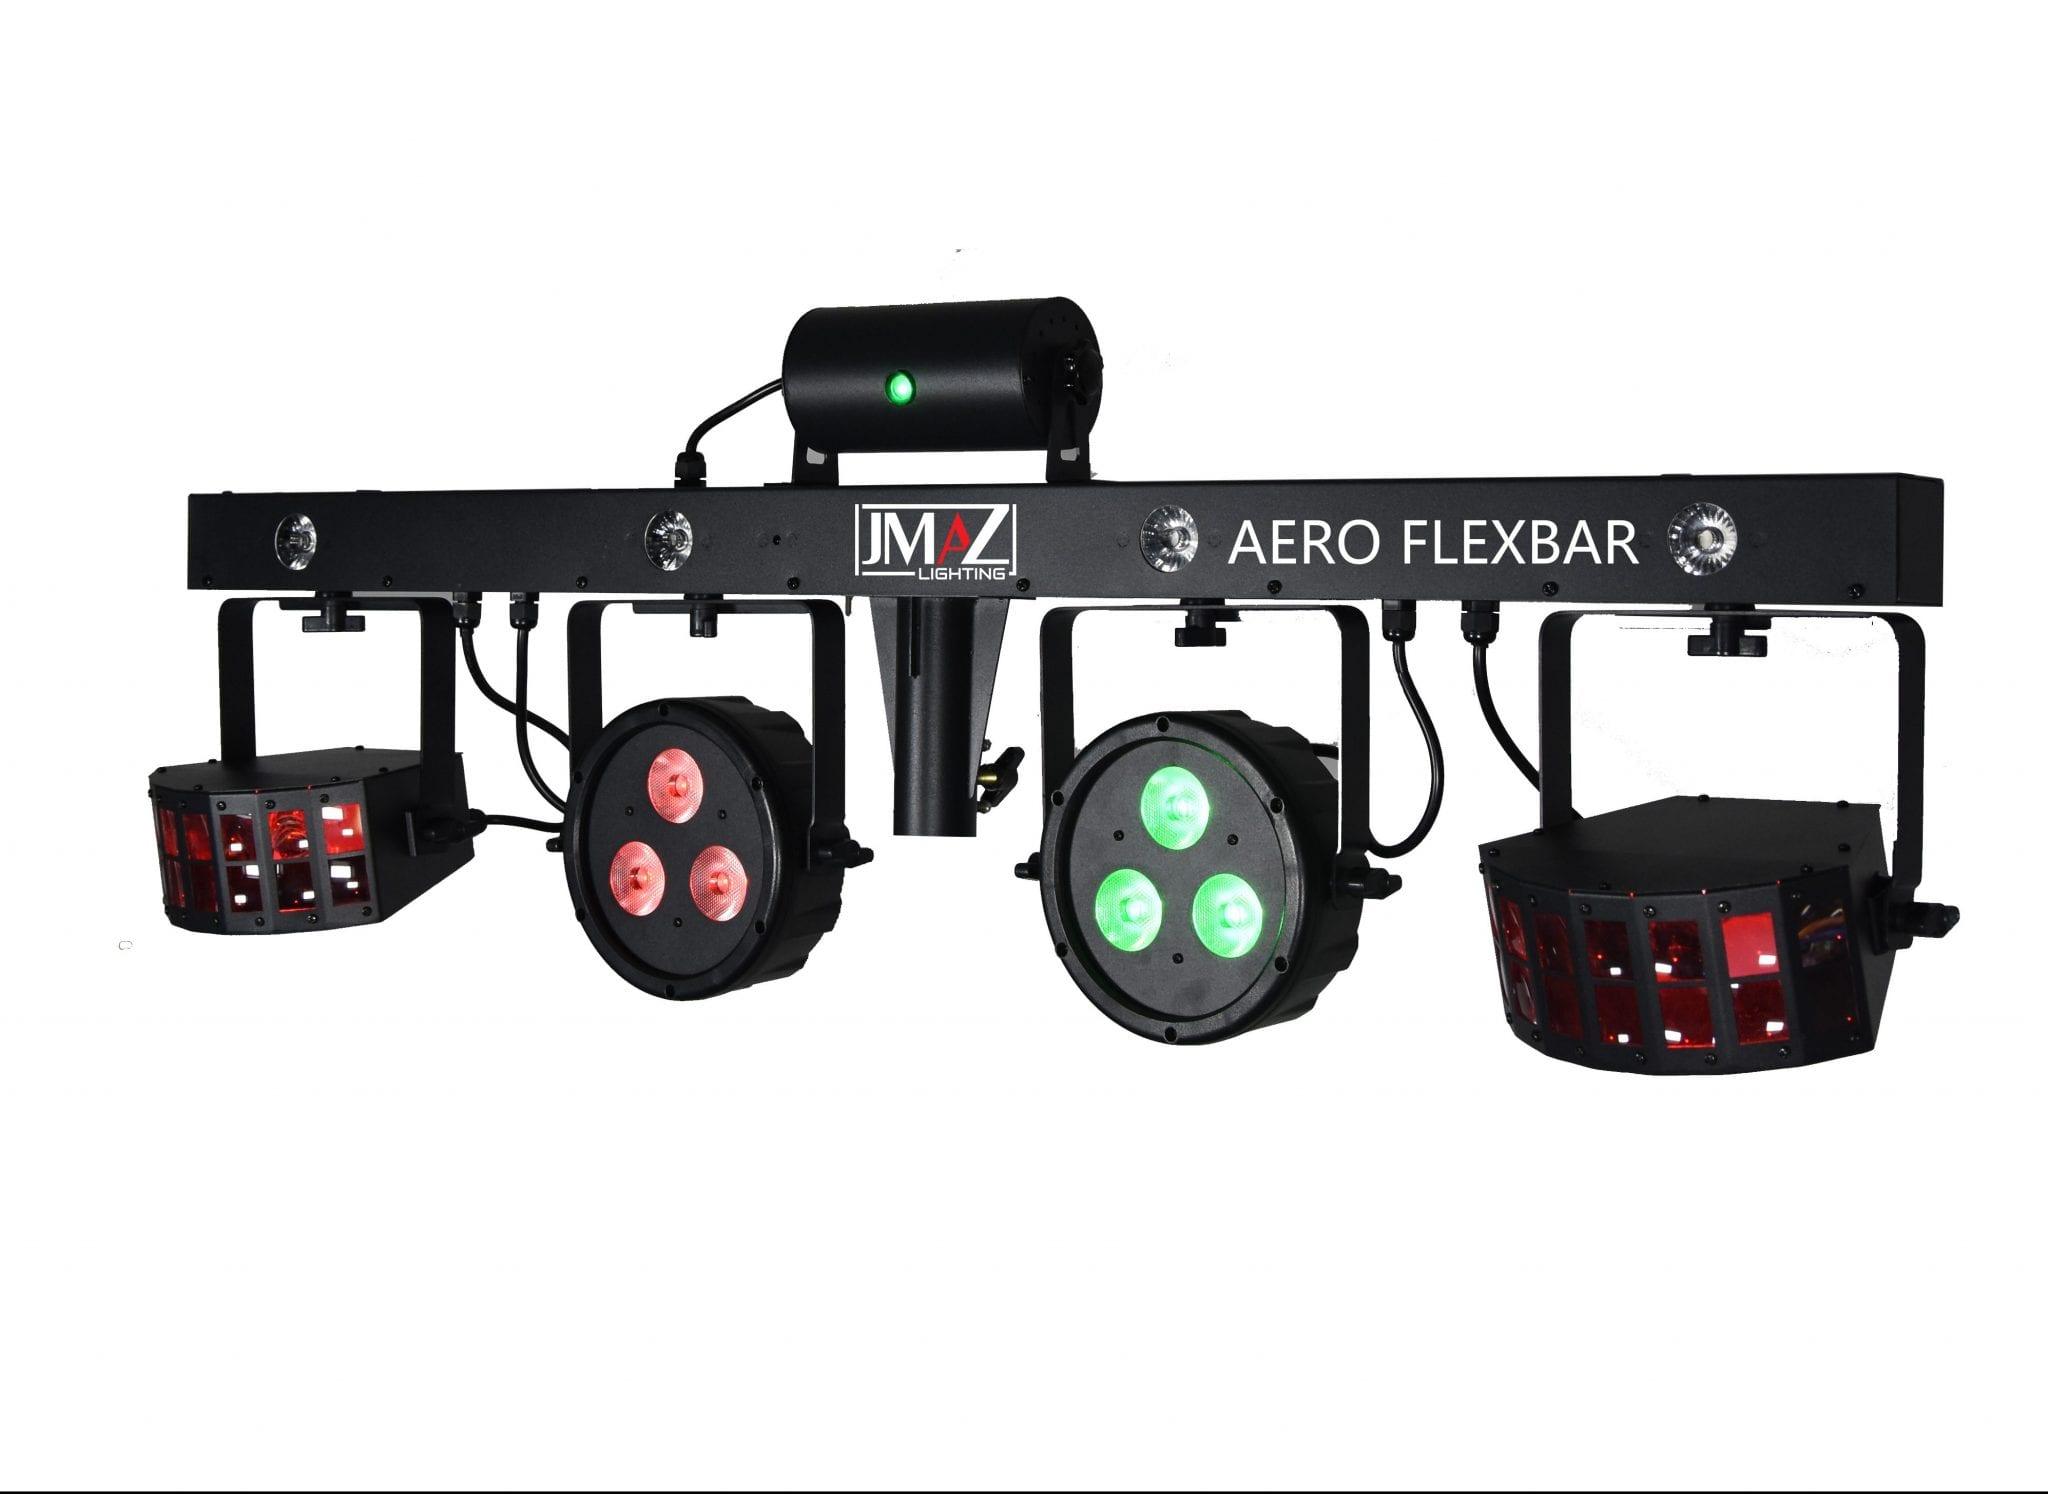 aero flexbar